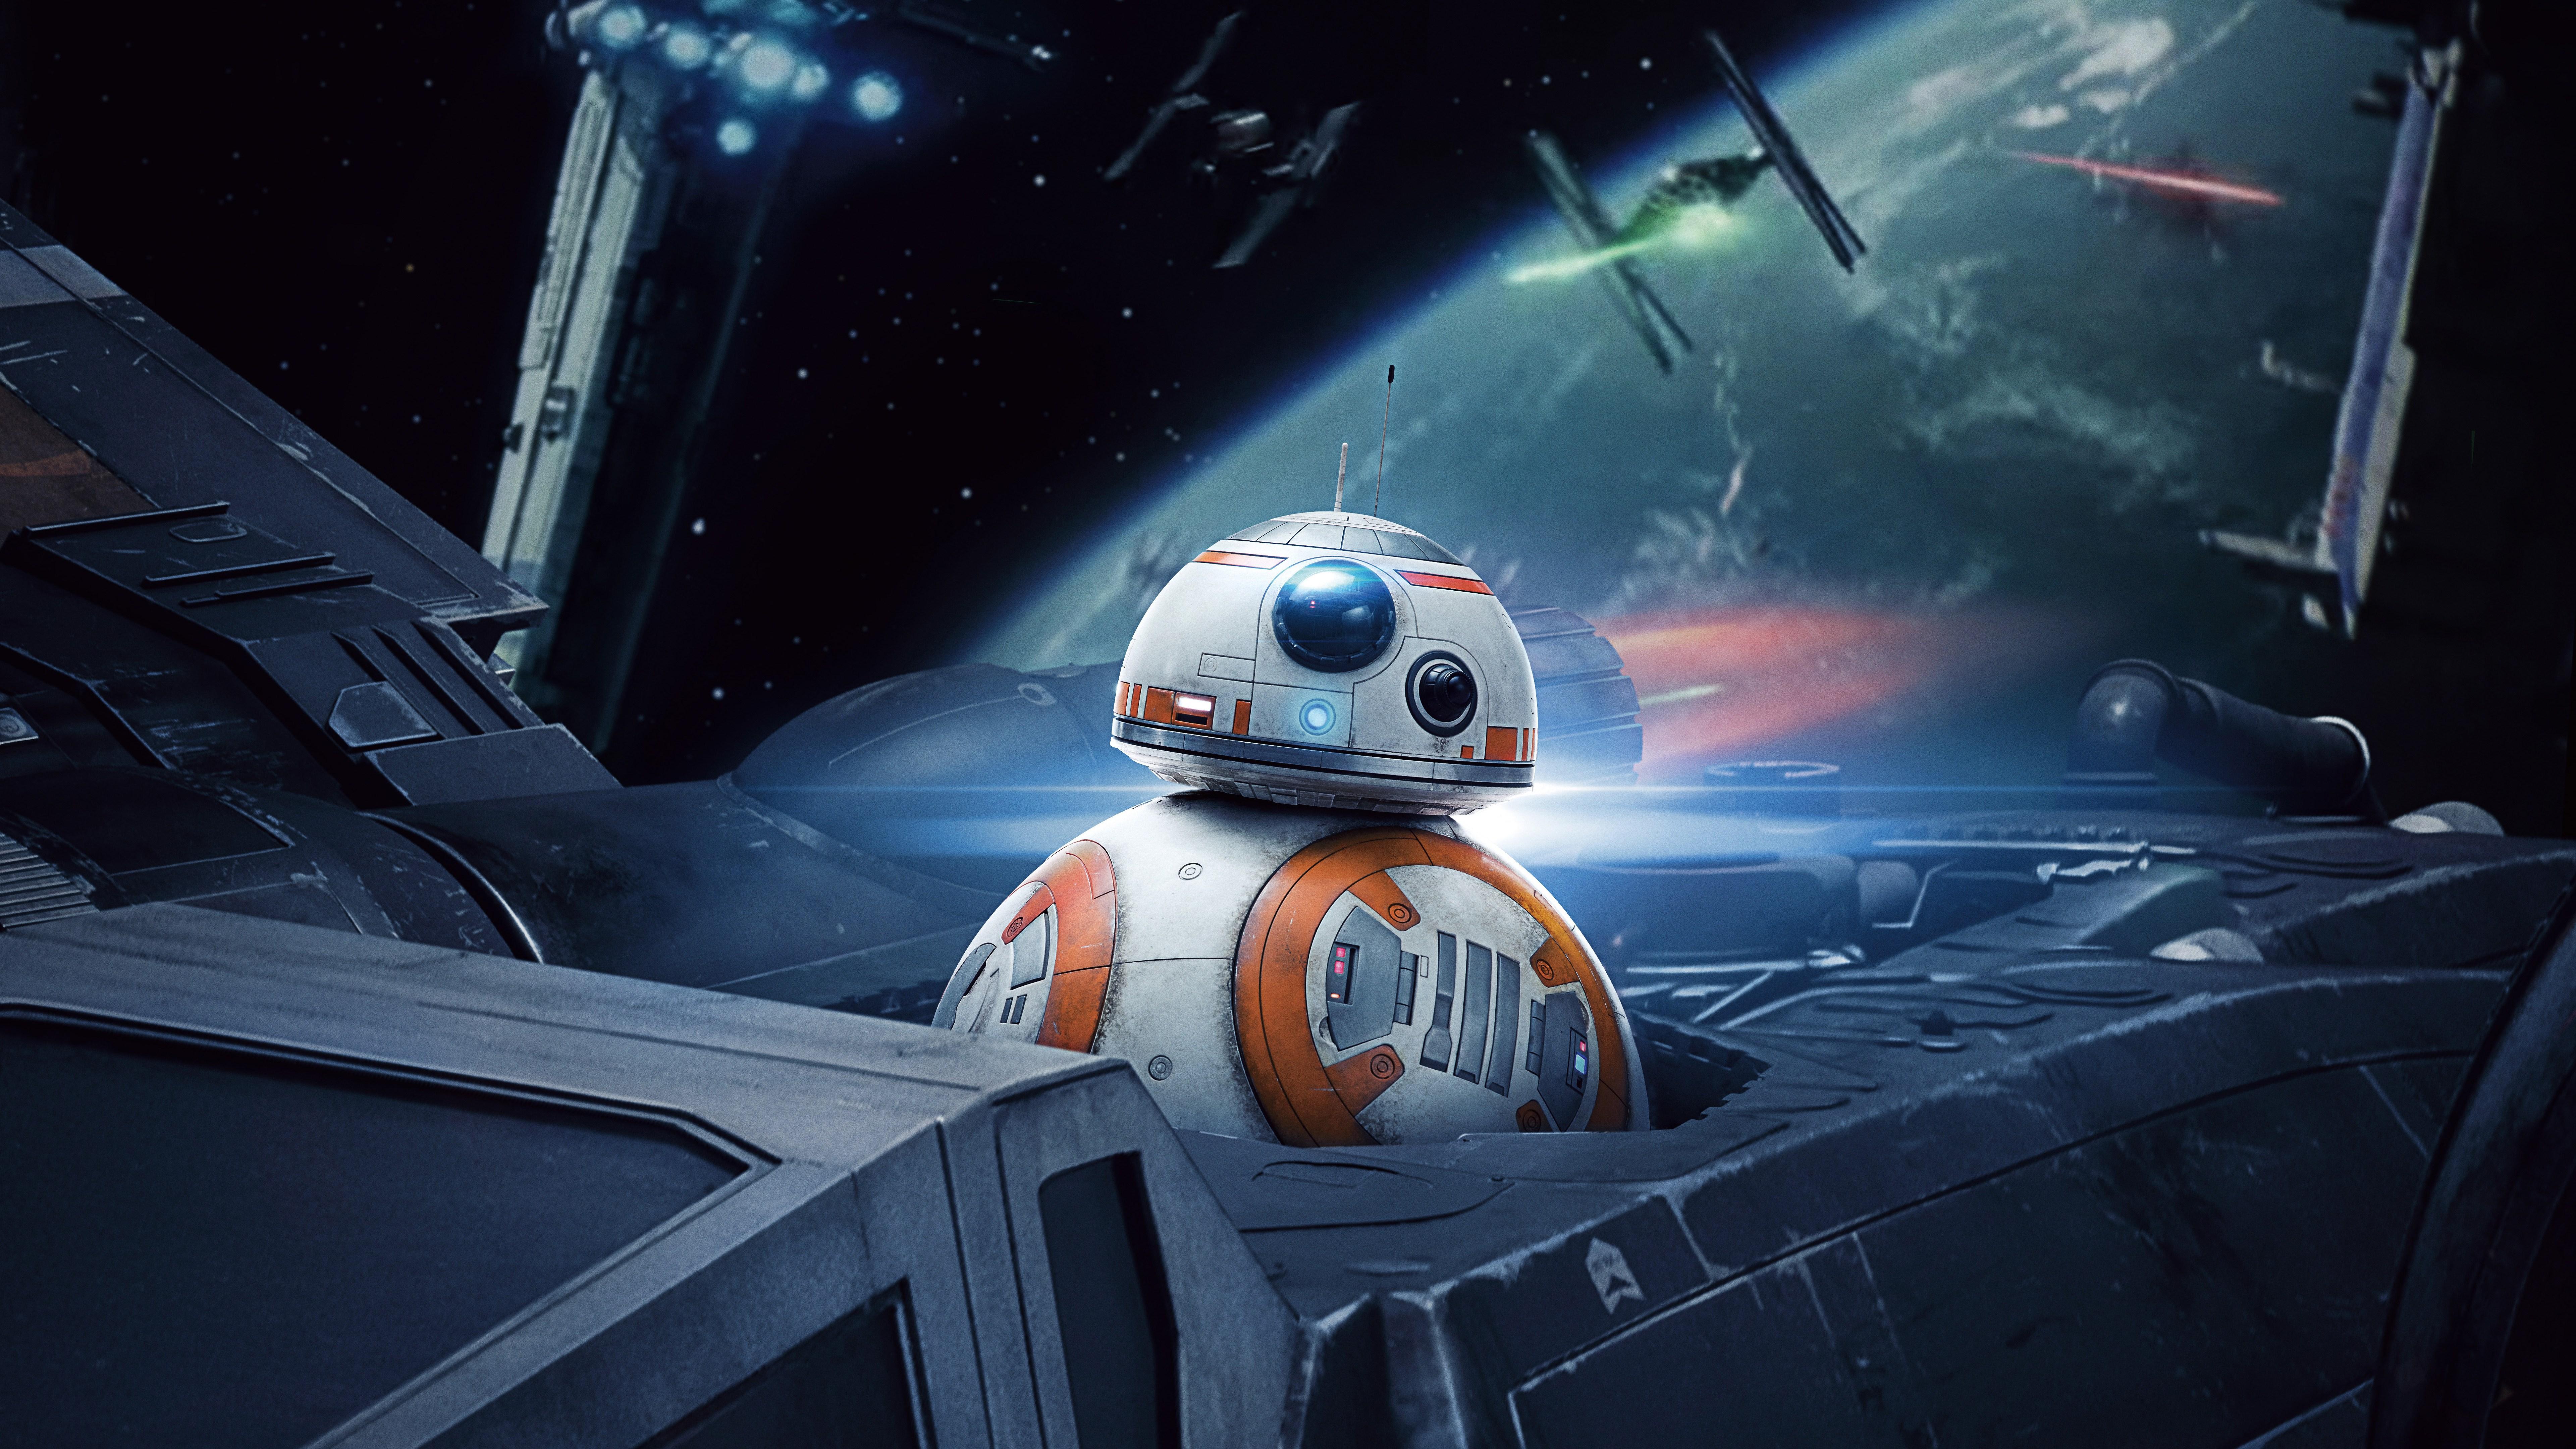 BB 8 4K 8K HD Star Wars Wallpaper 7680x4320